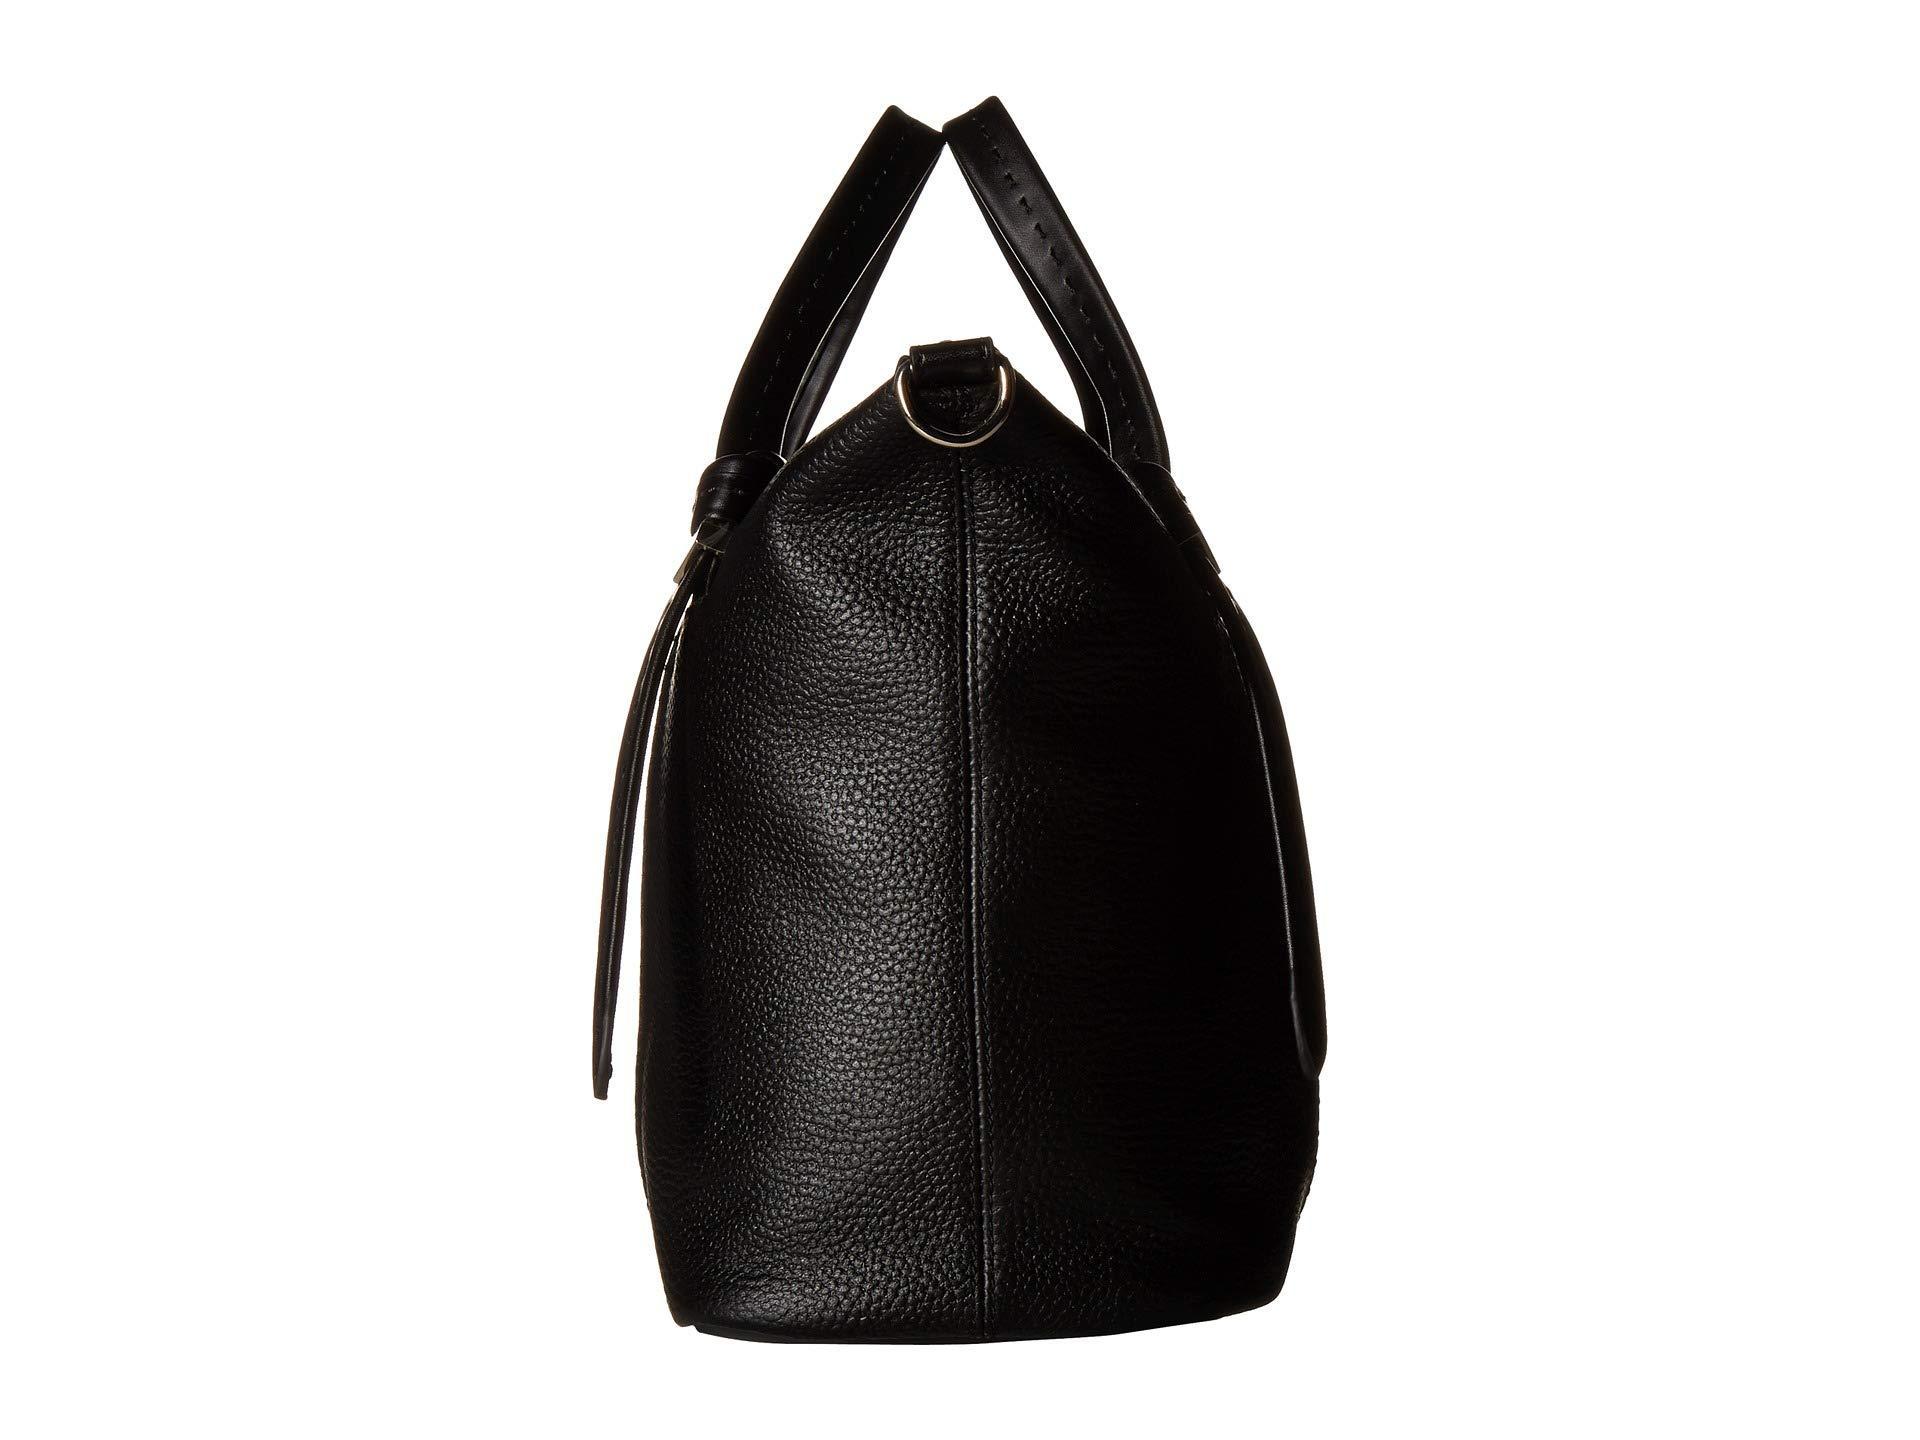 406491680c632c Ted Baker - Oellie (black 1) Tote Handbags - Lyst. View fullscreen